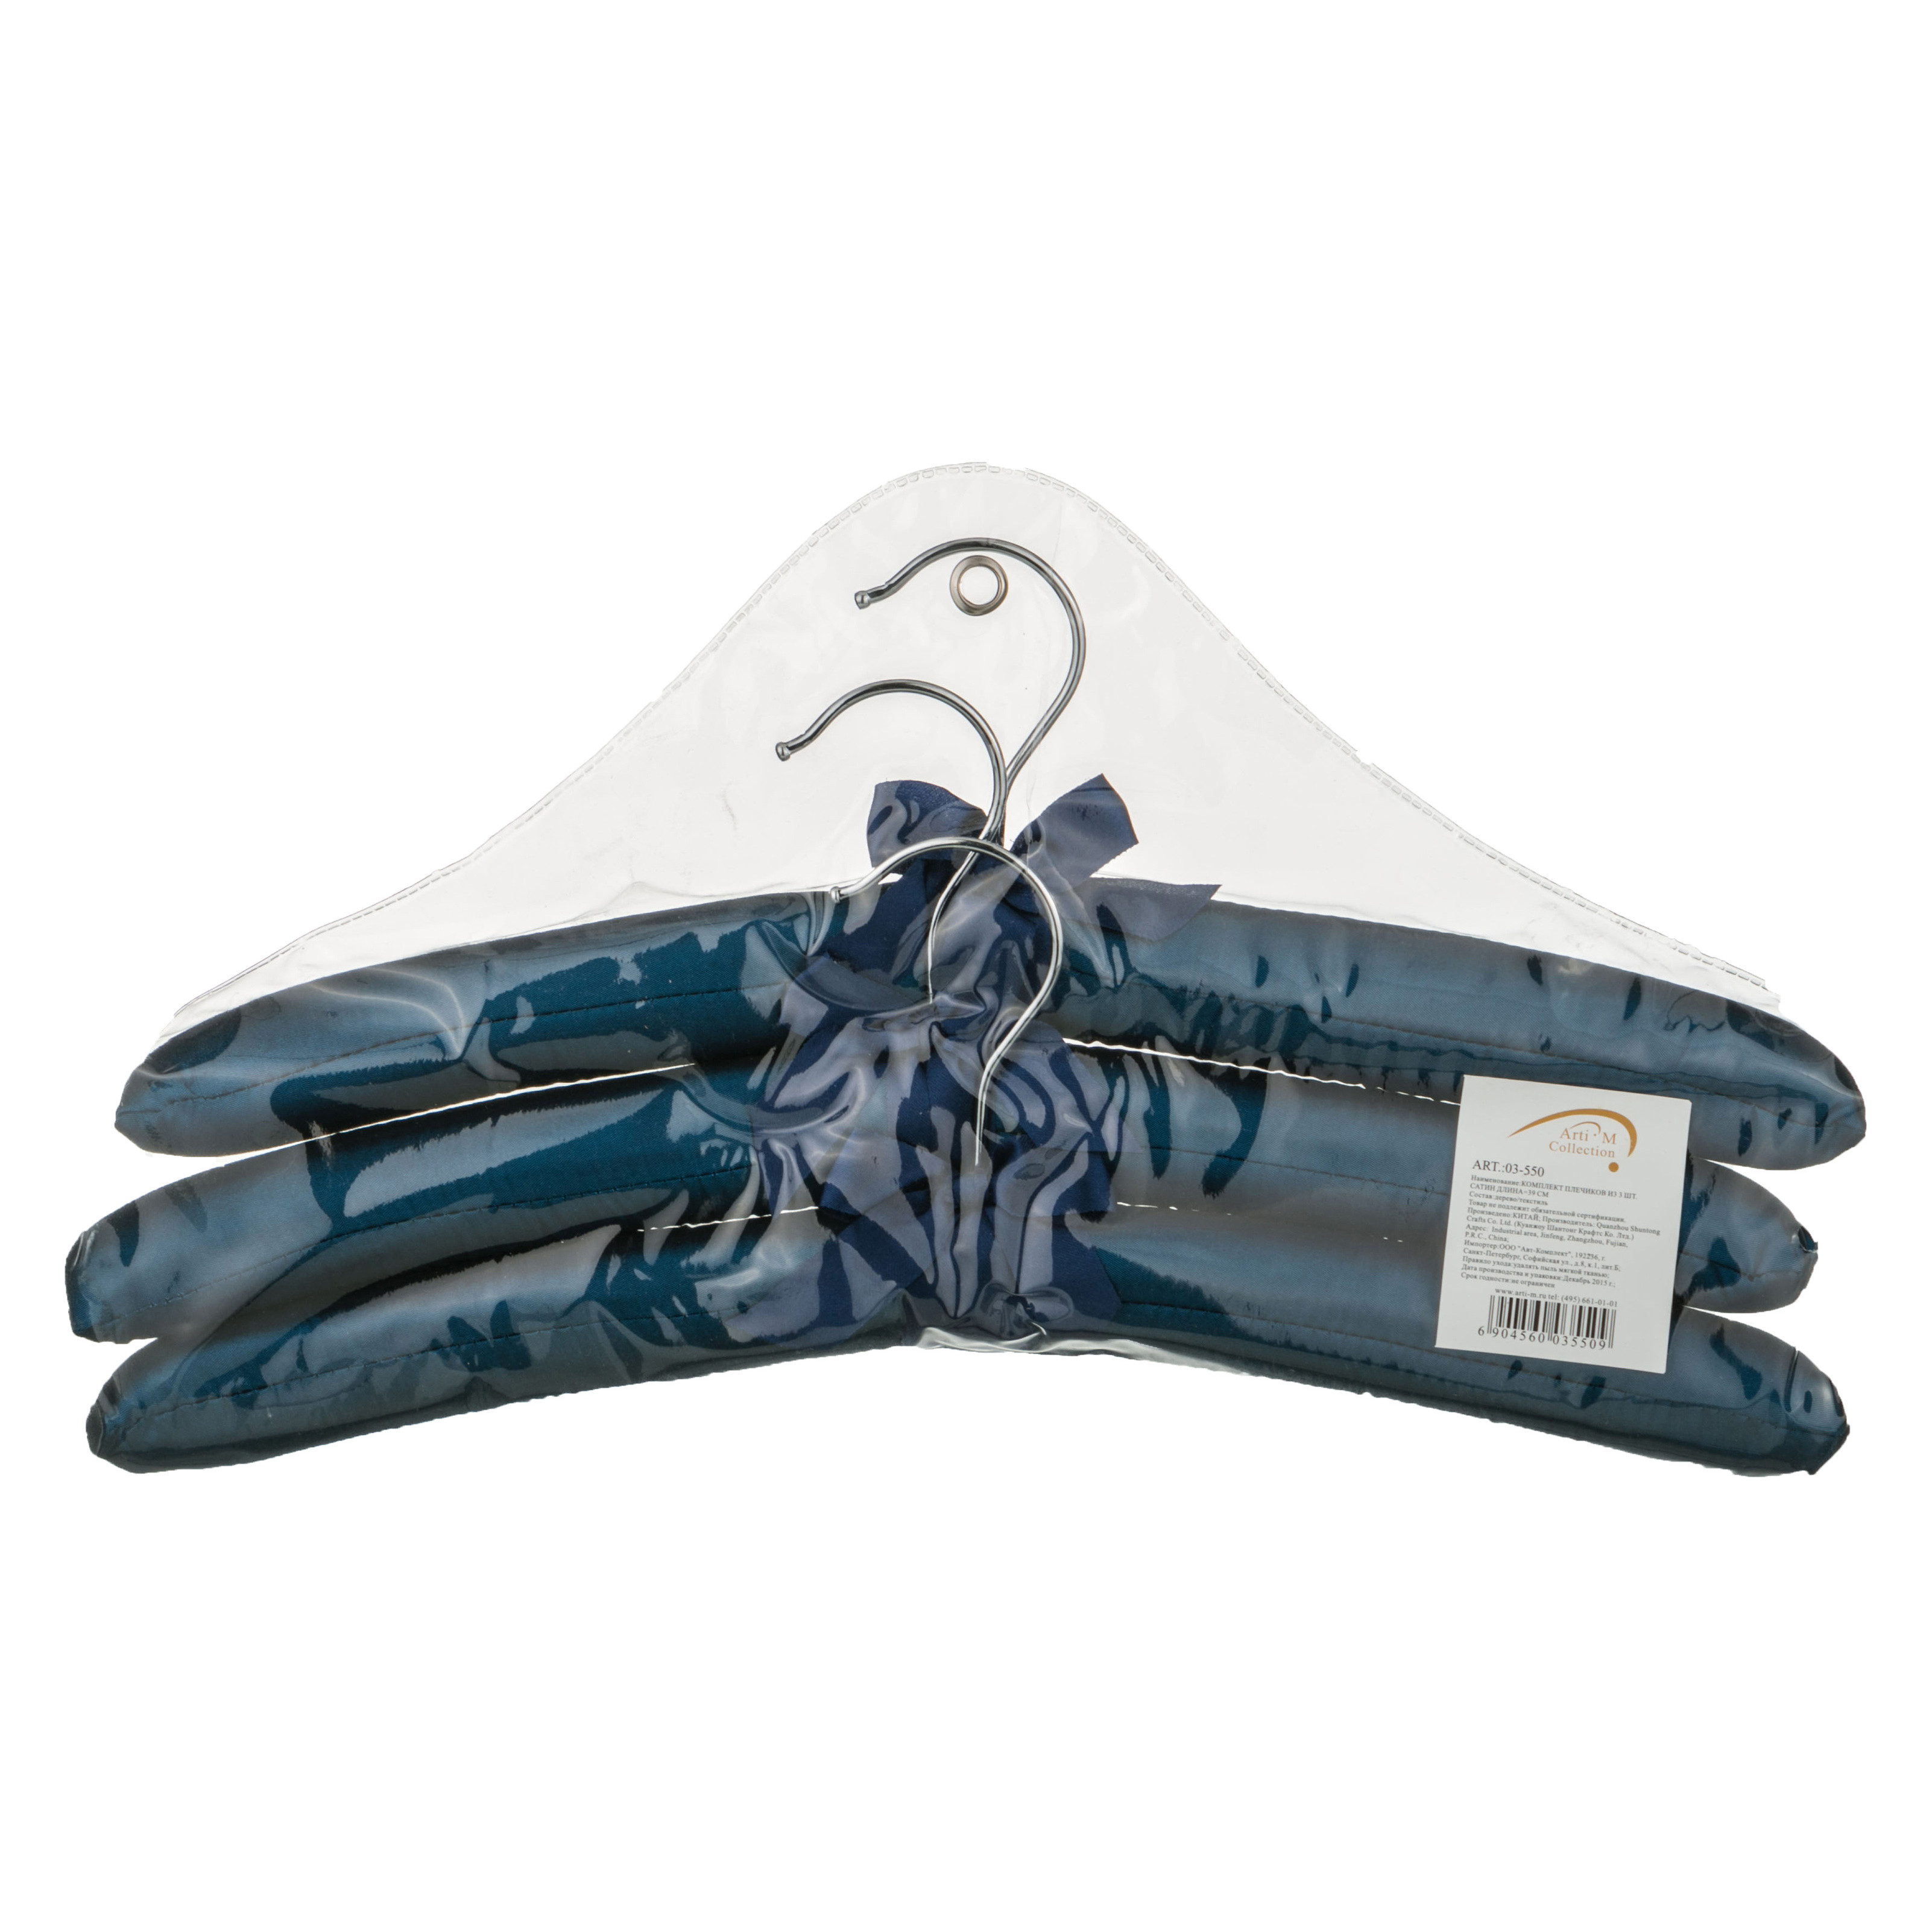 Вешалки-плечики Arti-M Плечики Maggie (39 см - 3 шт)